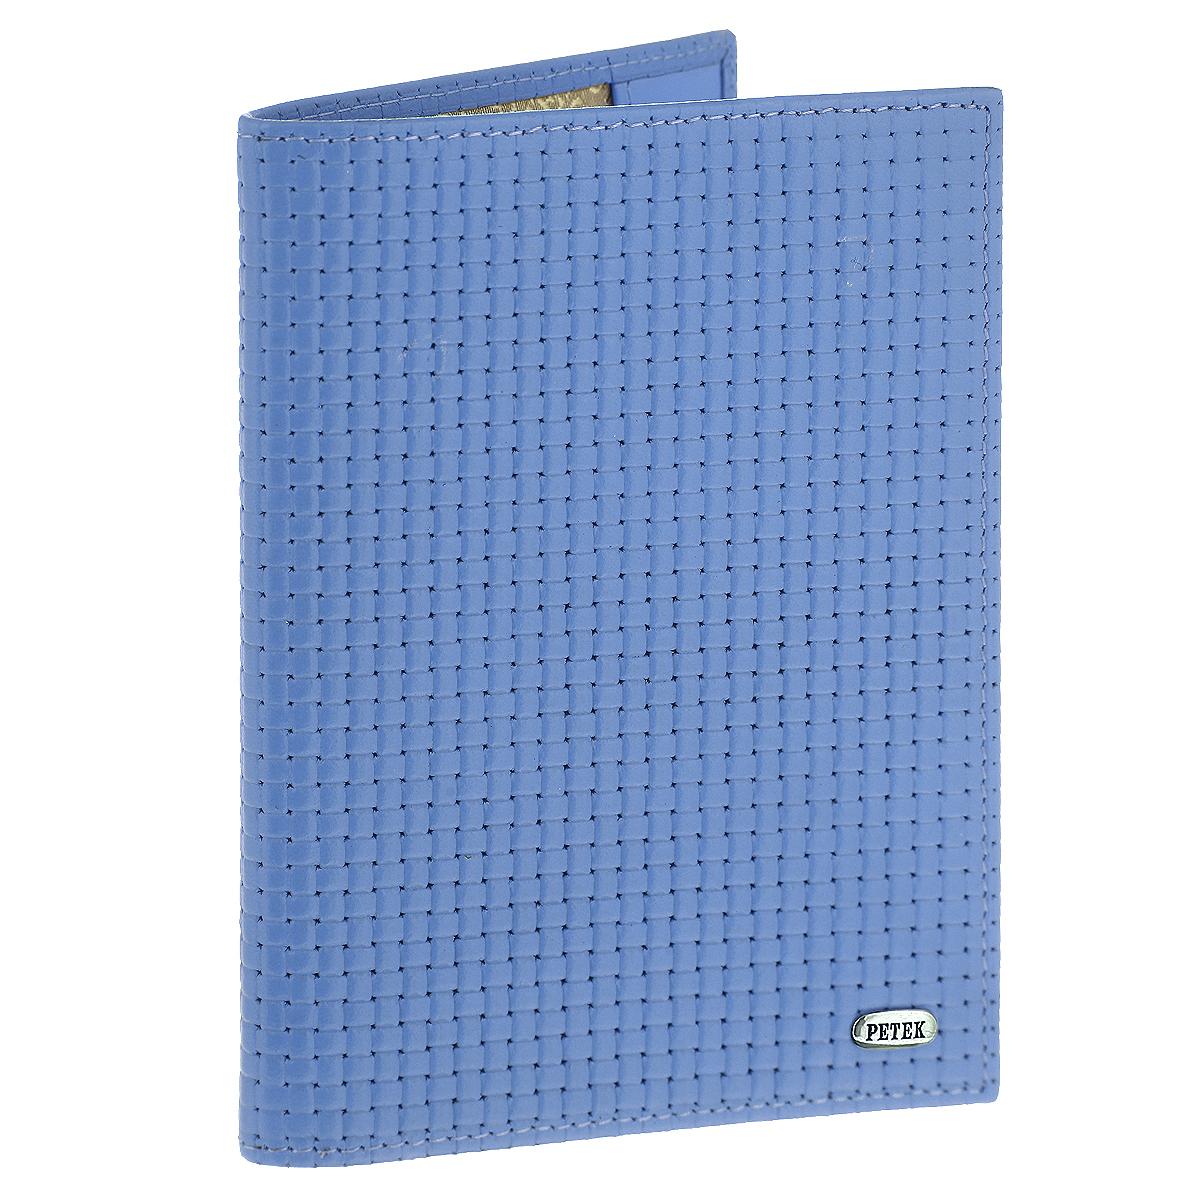 Обложка для паспорта Petek581.020.74 Violet BlueОбложка на паспорт Petek выполнена из натуральной высококачественной кожи с фактурным тиснением и оформлена металлической пластиной с надписью в виде логотипа бренда. Внутри обложка отделана атласным текстилем. На внутреннем развороте имеет два кармана из натуральной кожи для надежной фиксации. Стильная обложка не только защитит ваши документы, но и станет аксессуаром, подчеркивающим ваш образ. Изделие упаковано в фирменную коробку коричневого цвета с логотипом фирмы Petek 1855.